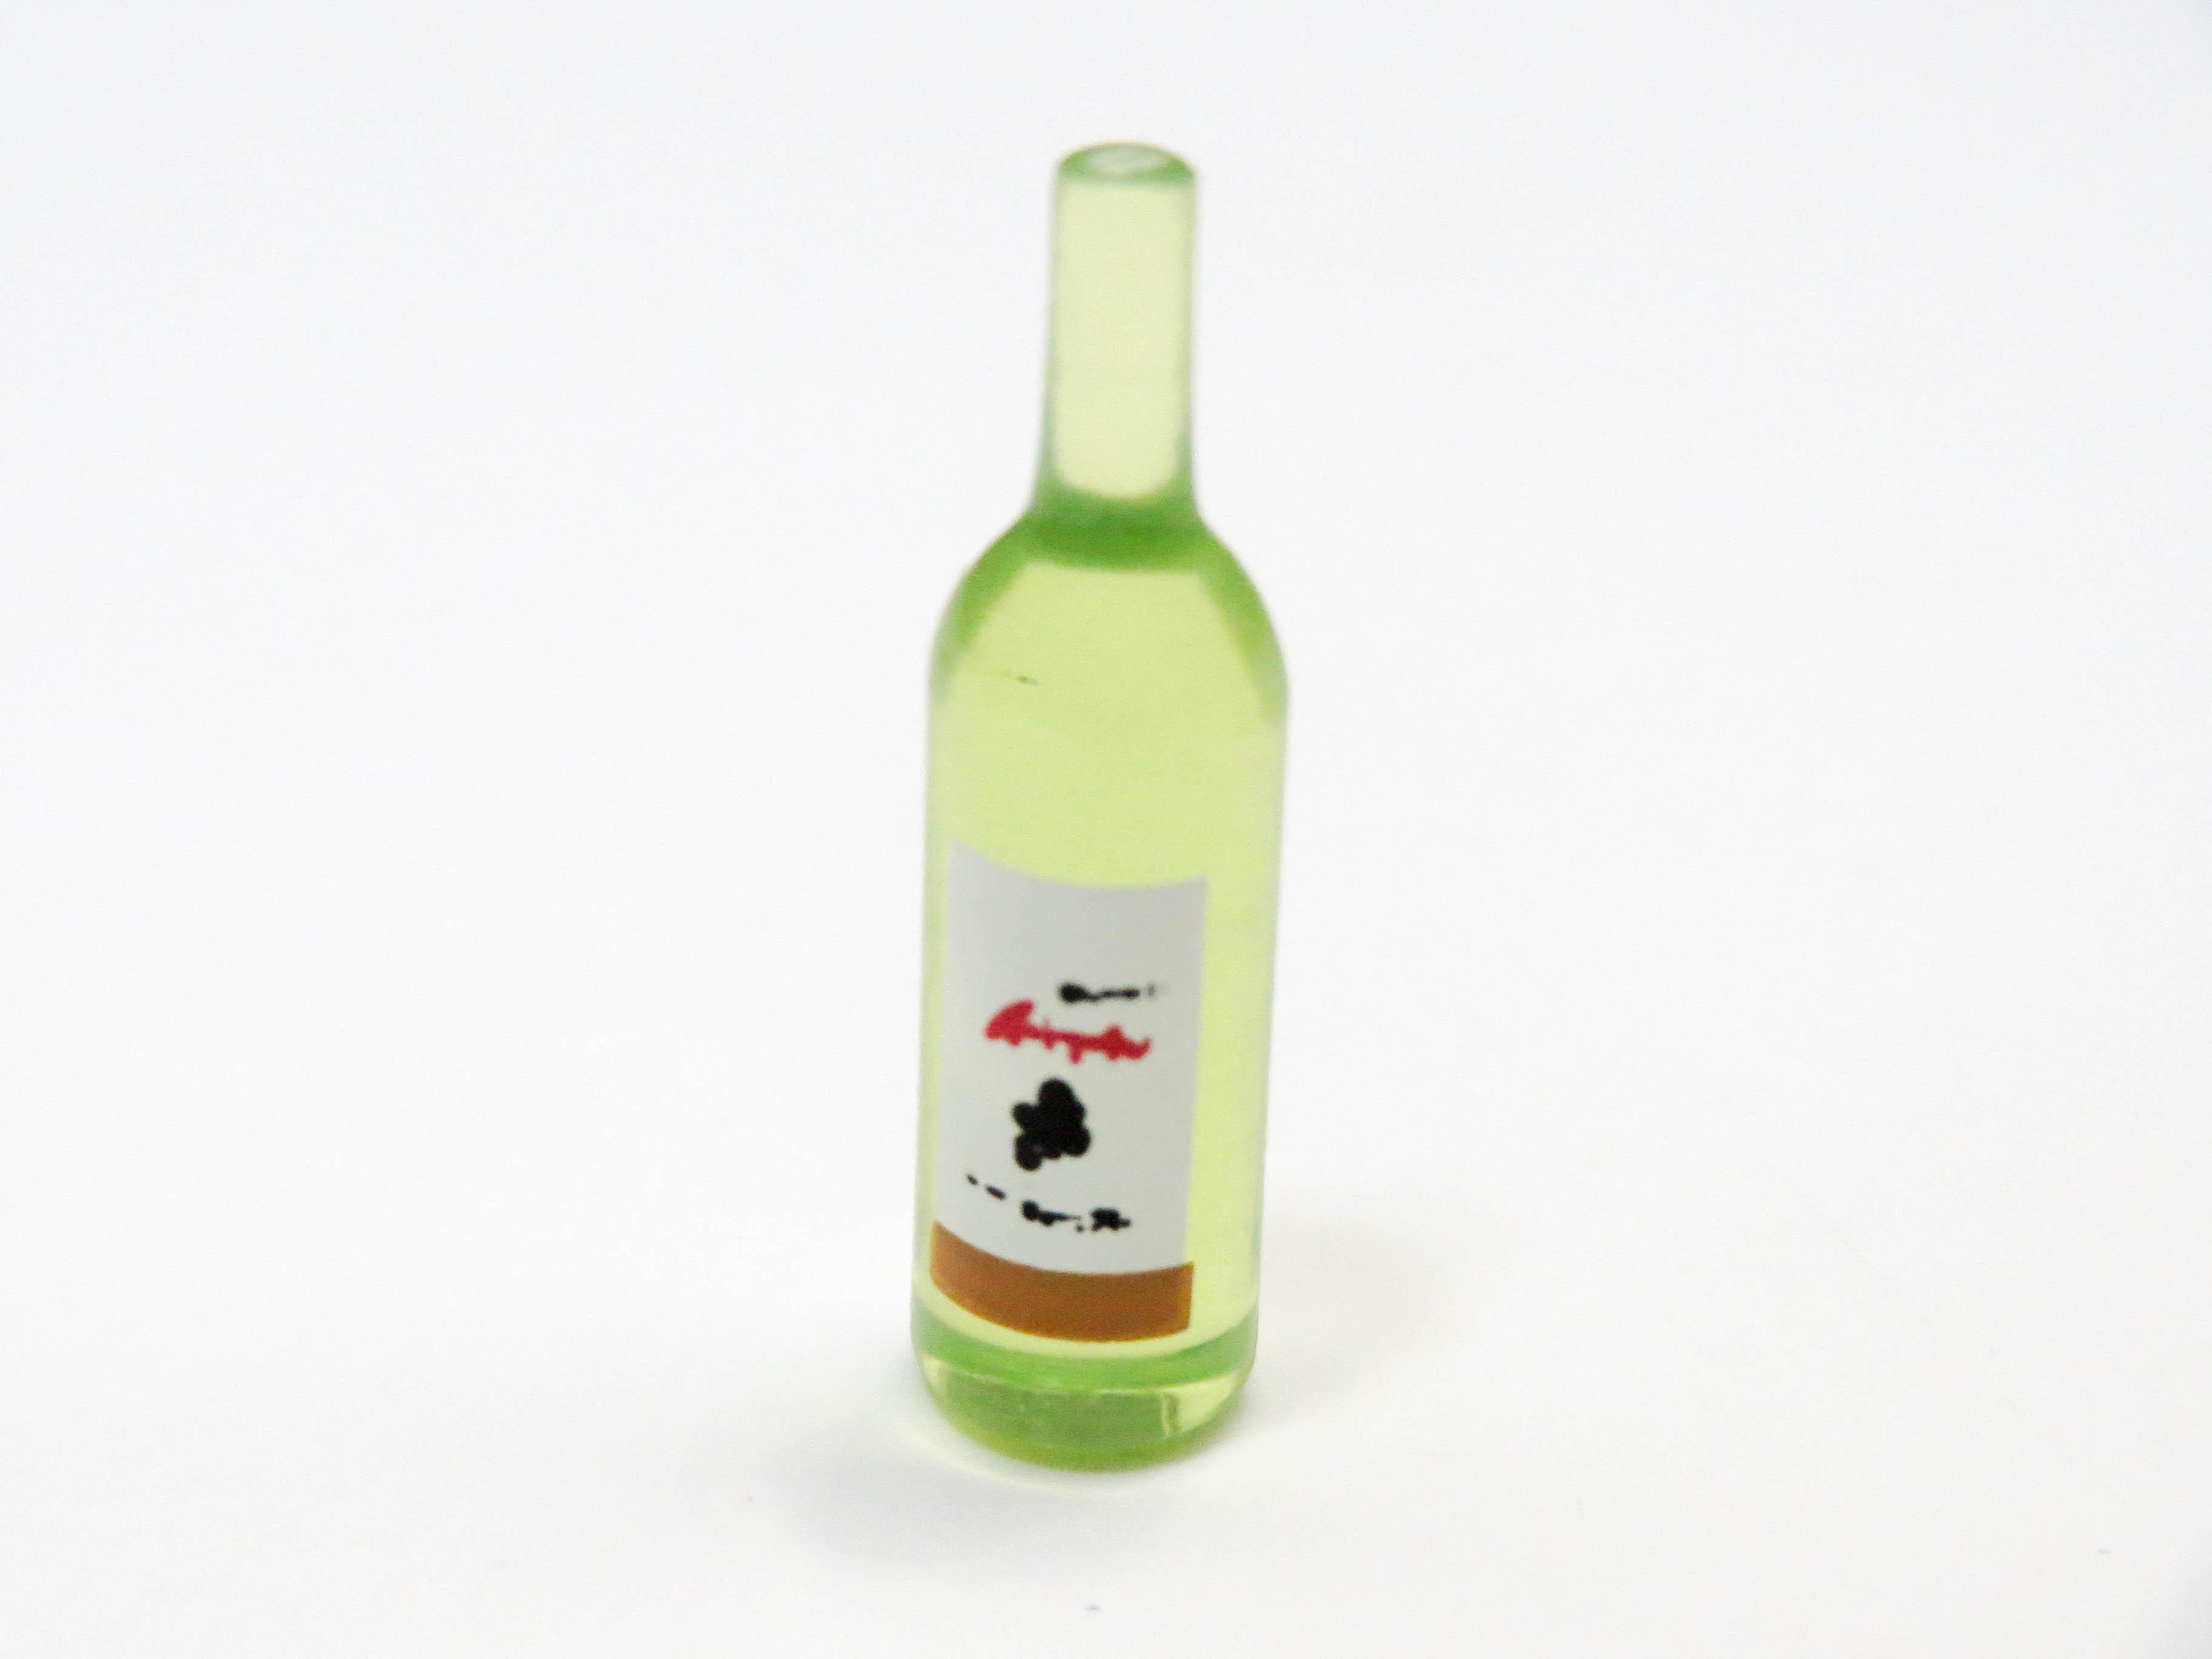 再入荷【729】 ポーラ 小物パーツ ワイン(緑) ねんどろいど